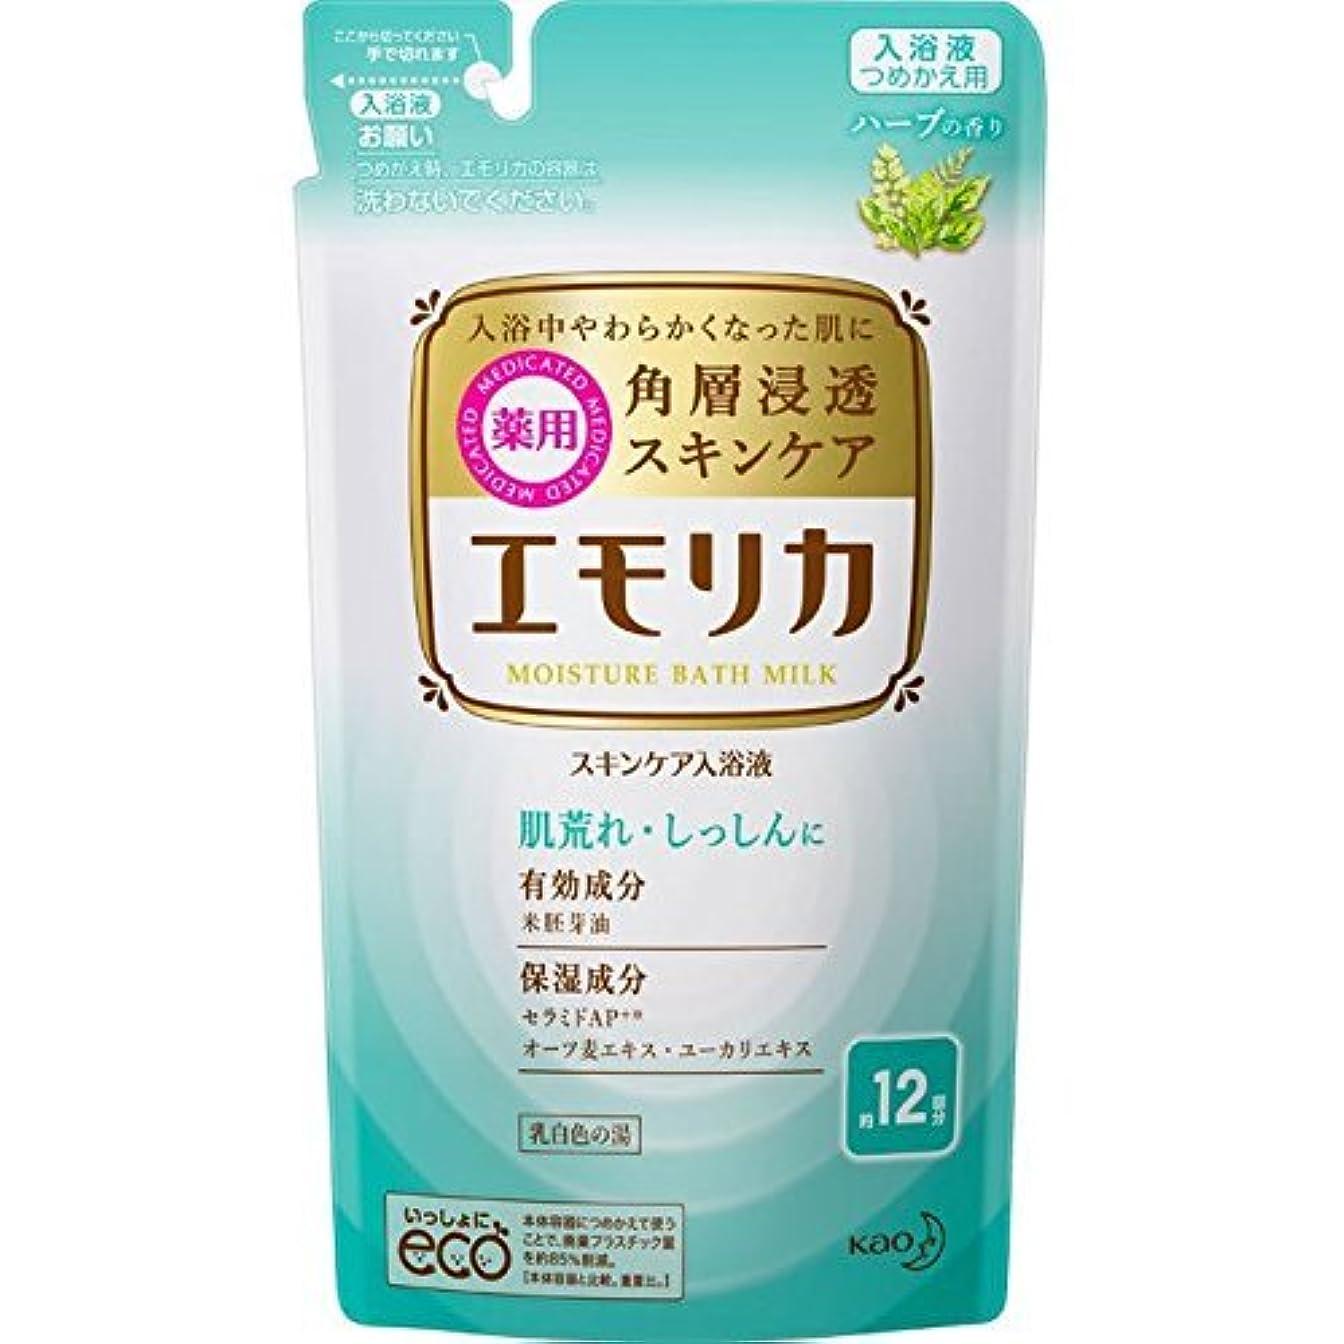 嫌がる最も早いその【花王】エモリカ ハーブの香り つめかえ用 360ml ×10個セット